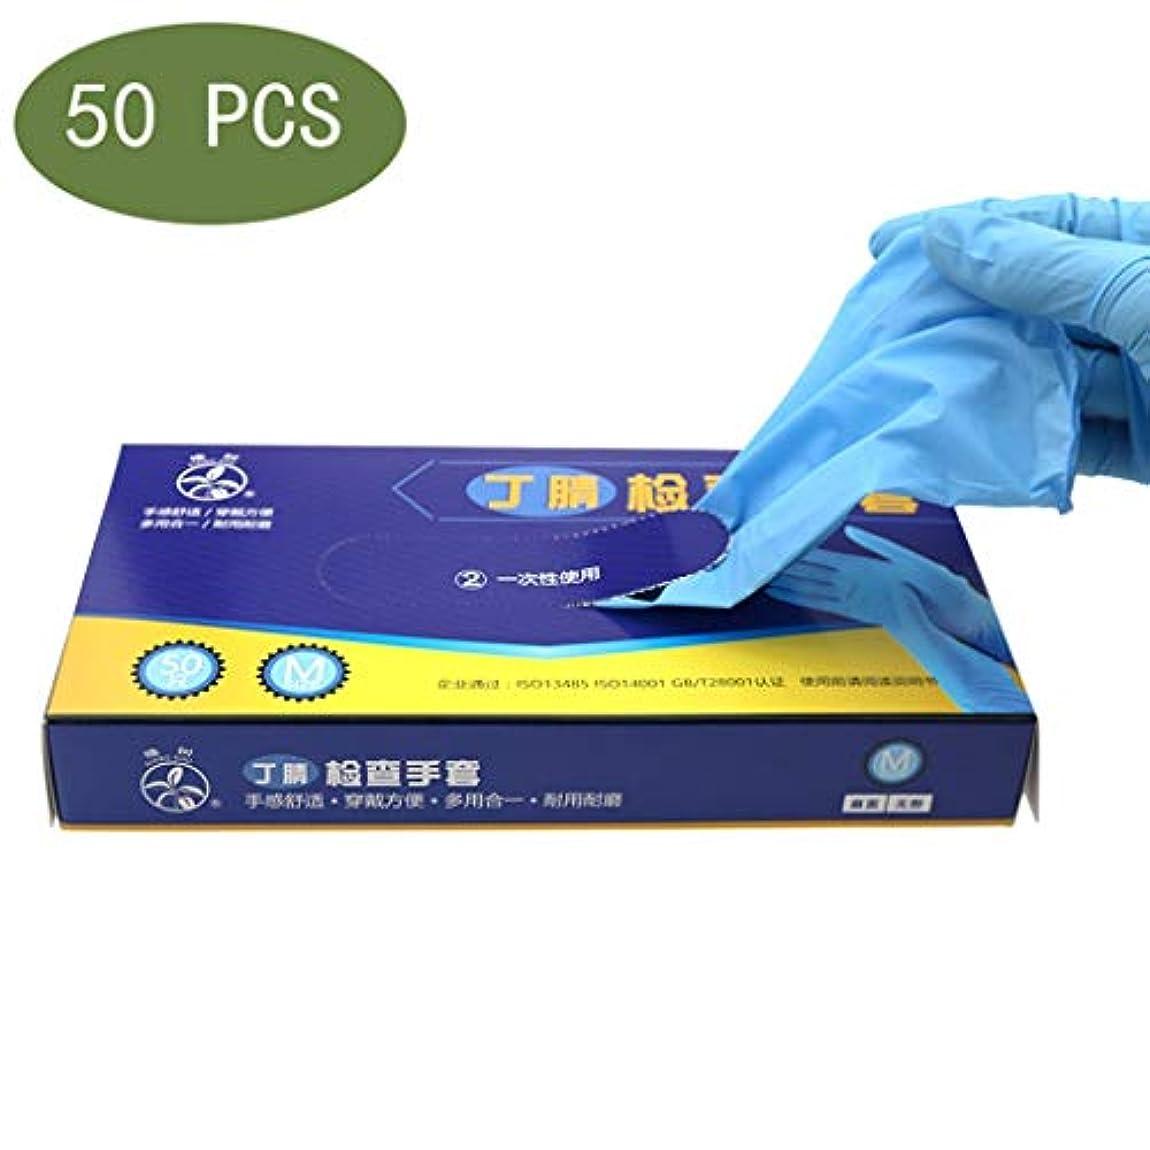 ライトニング同様に照らす保護用使い捨てニトリル医療用手袋、4ミル、ラテックスフリー、試験グレードの手袋、テクスチャード加工、両性、非滅菌、50個入り (Size : S)